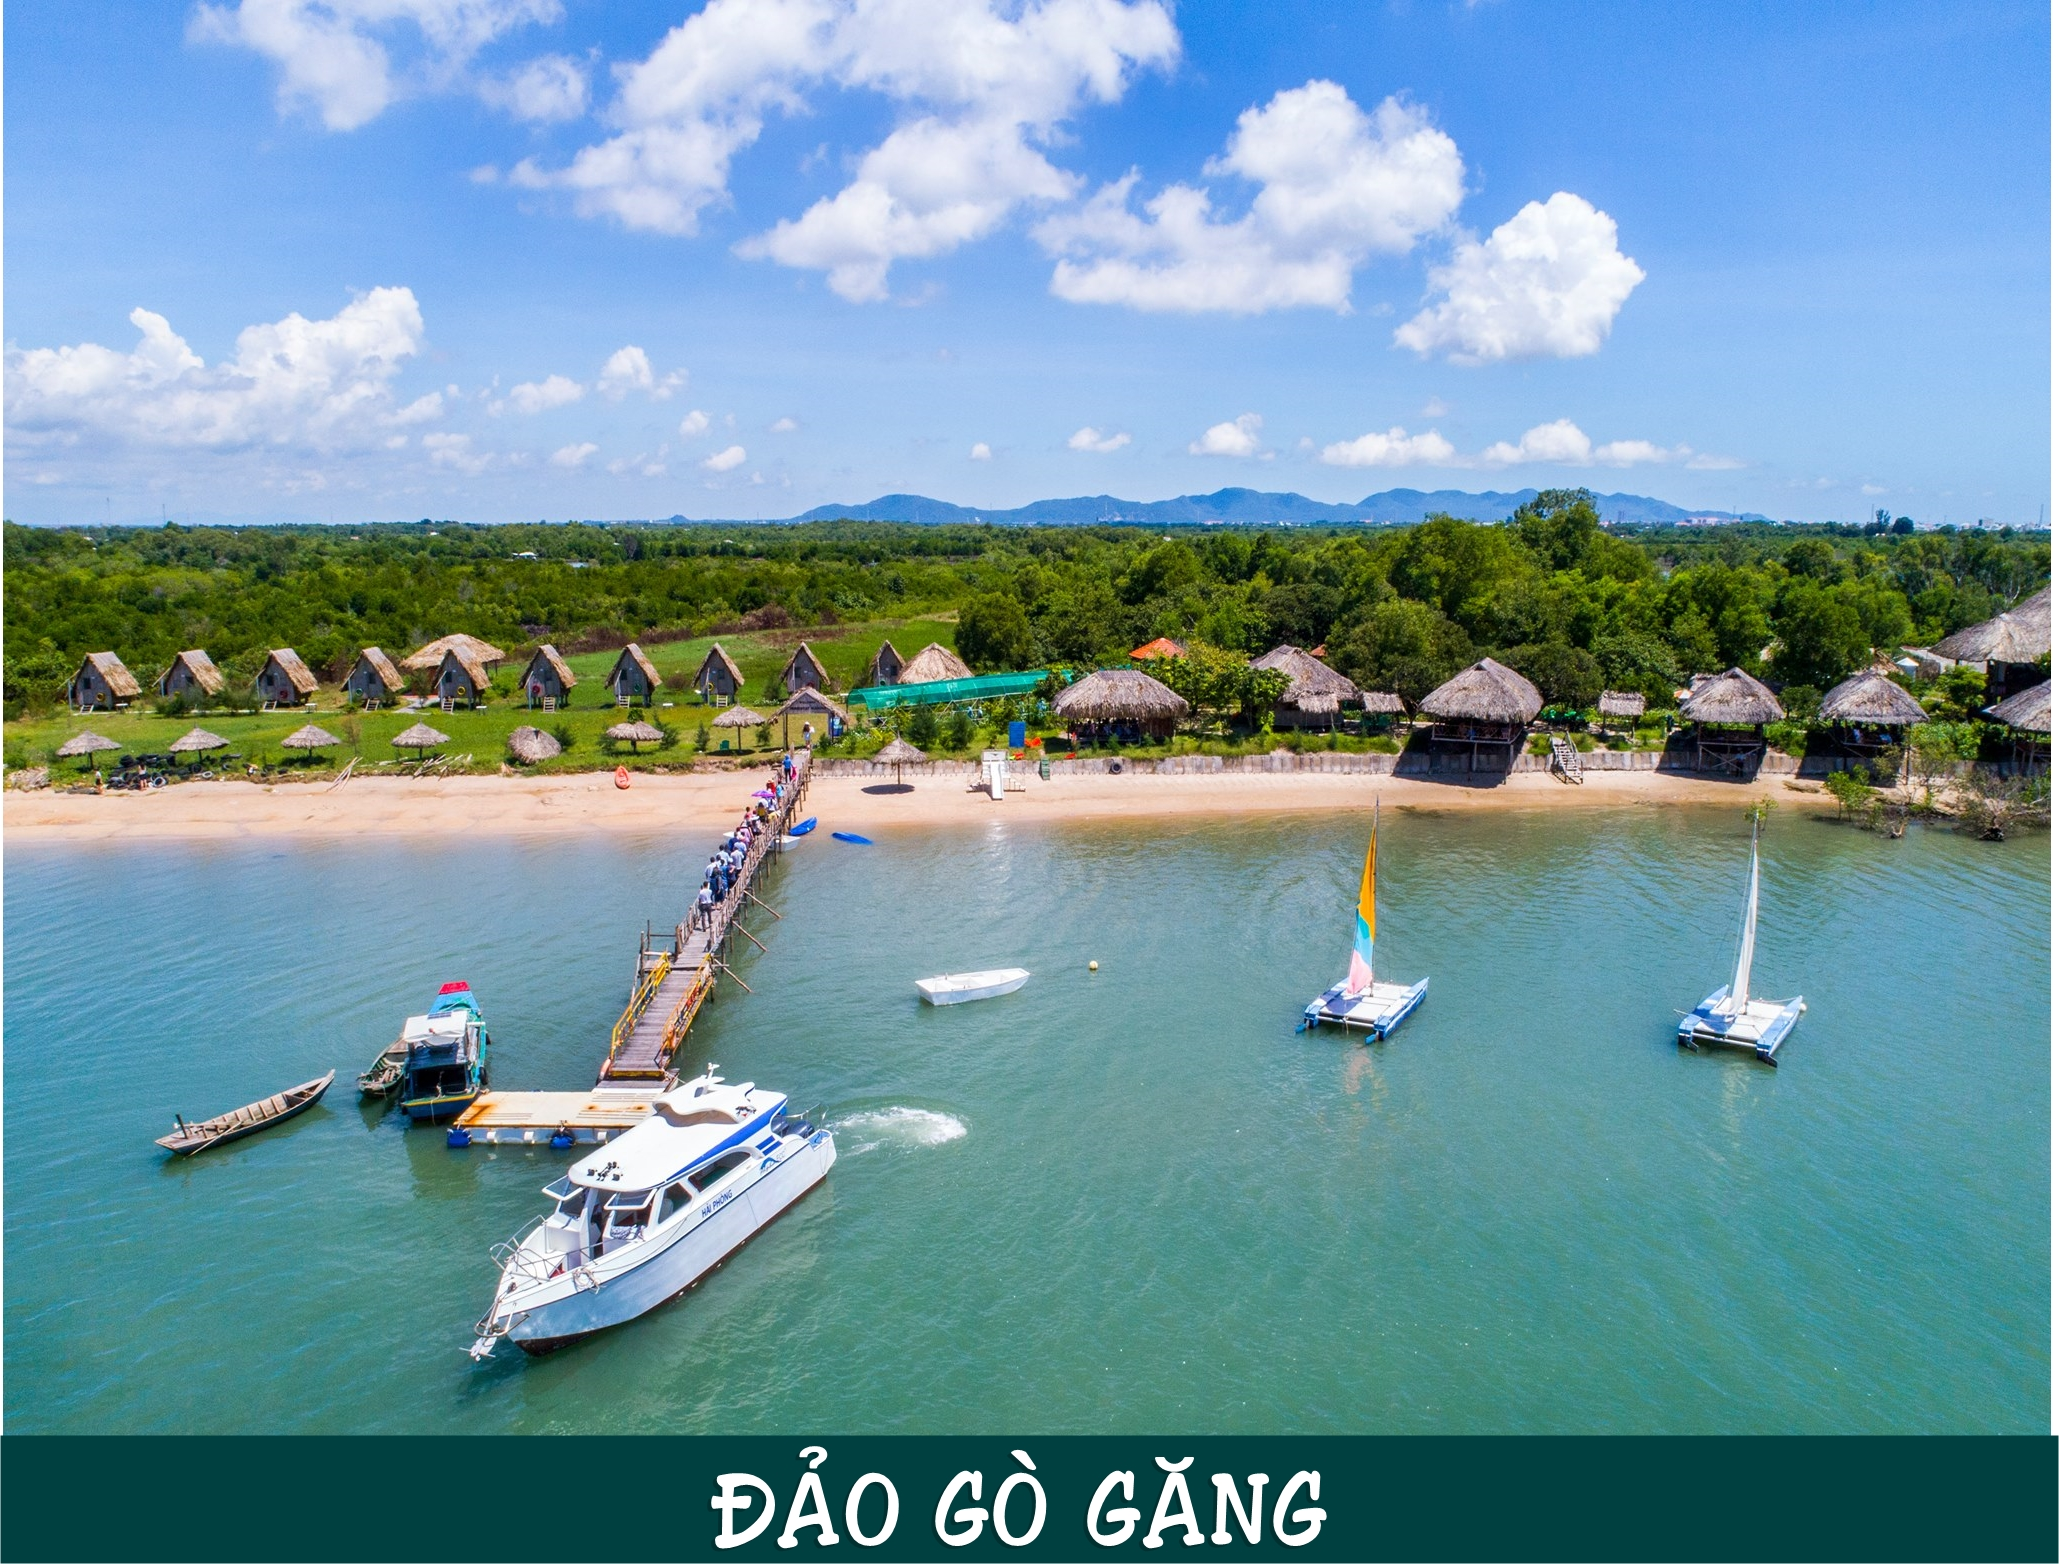 Đảo Gò Găng là thuộc địa phận xã Long Sơn và nằm cách trung tâm thành phố Vũng Tàu khoảng 3 km về hướng Tây Nam.